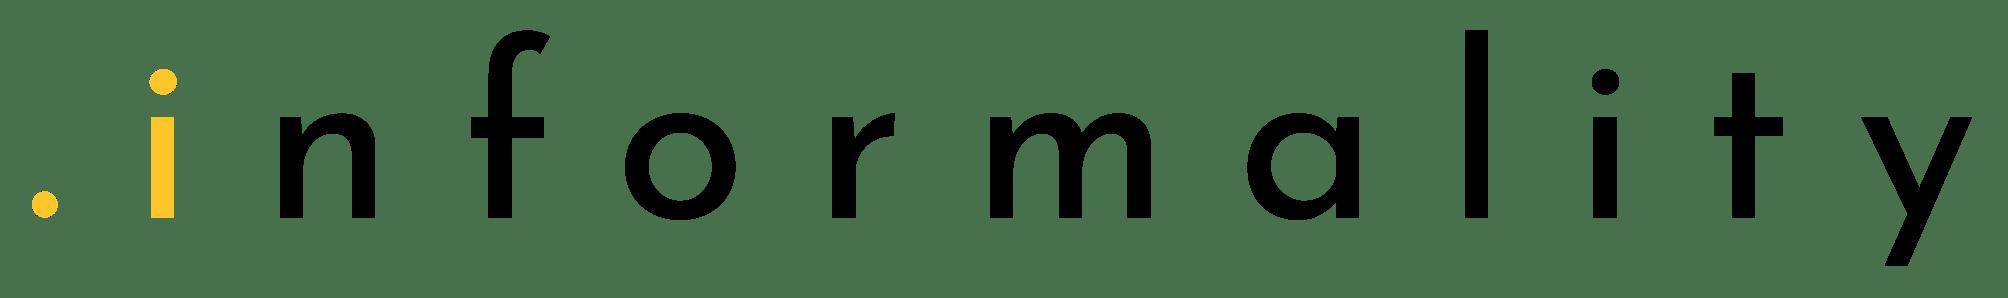 Informality company logo